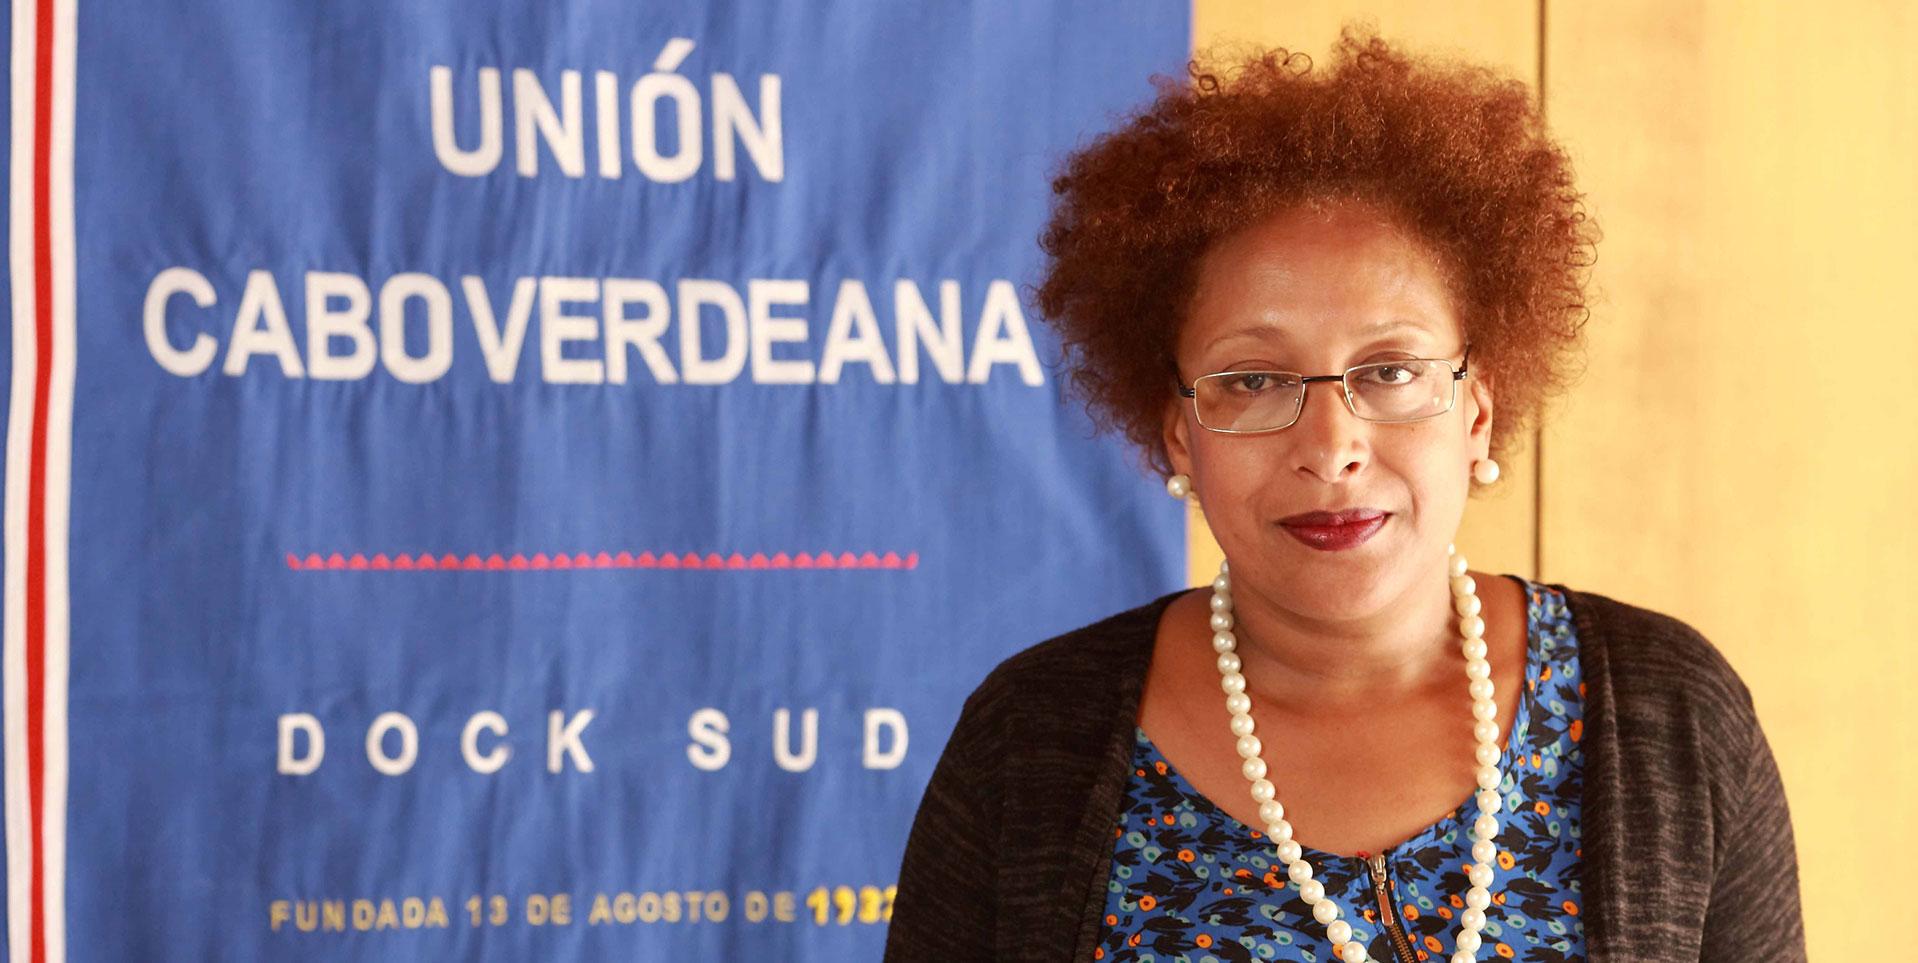 destacada Miriam Gomes